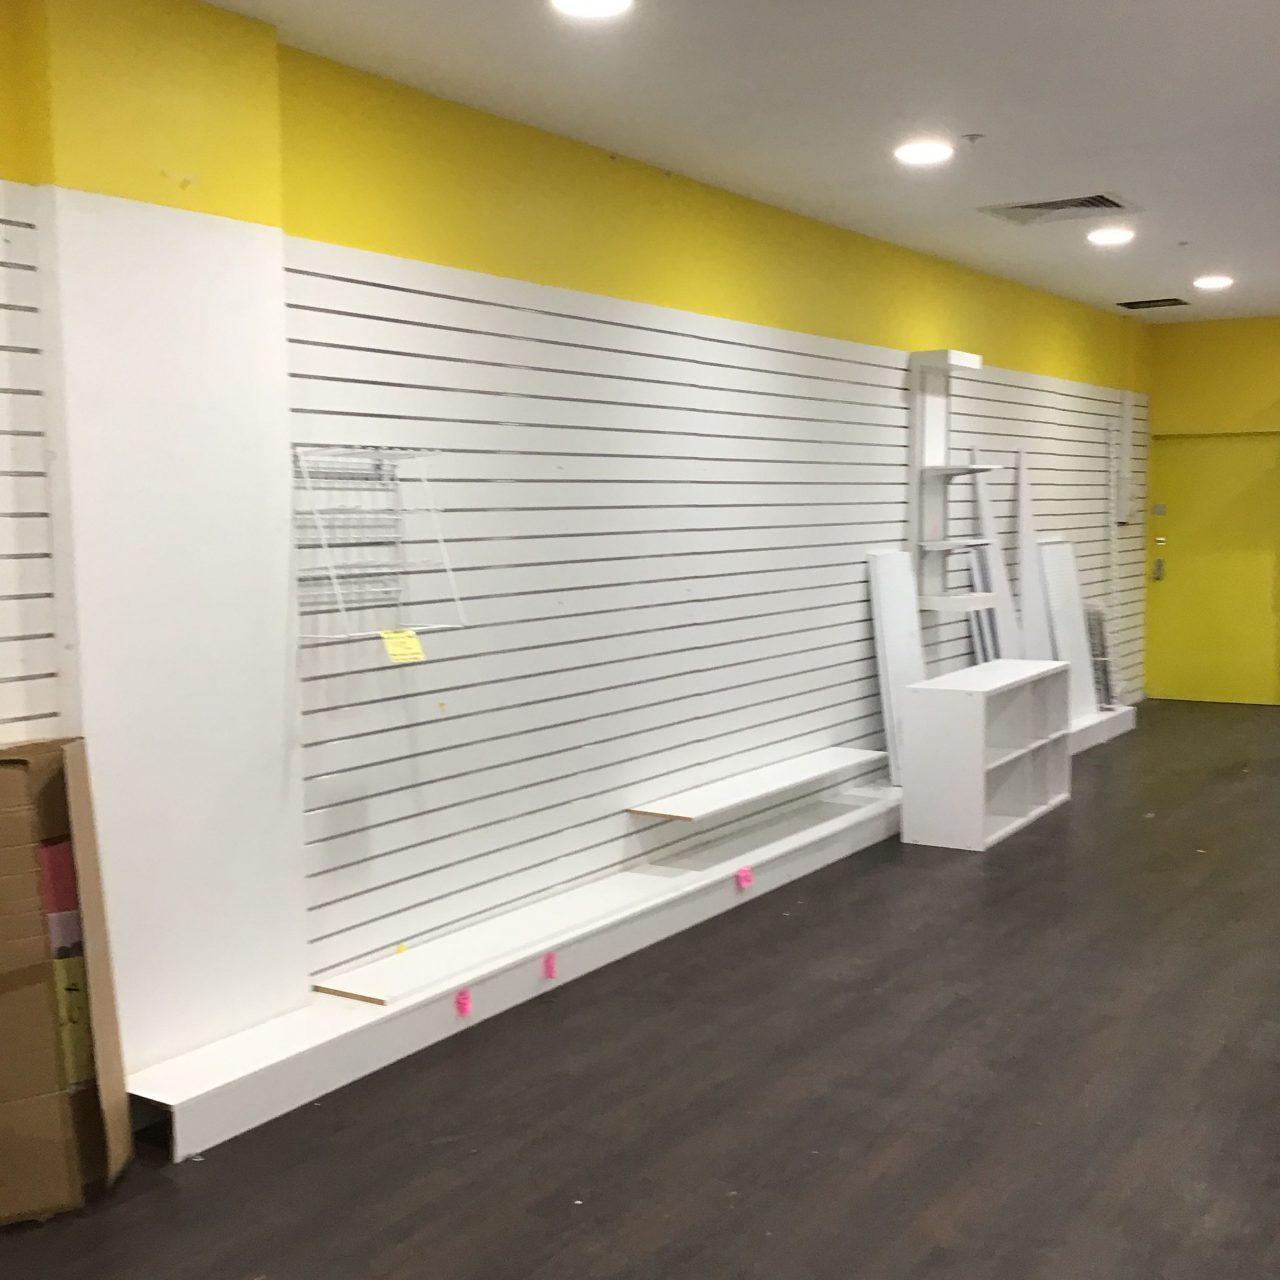 Retail Defit – Southlands Shopping Centre